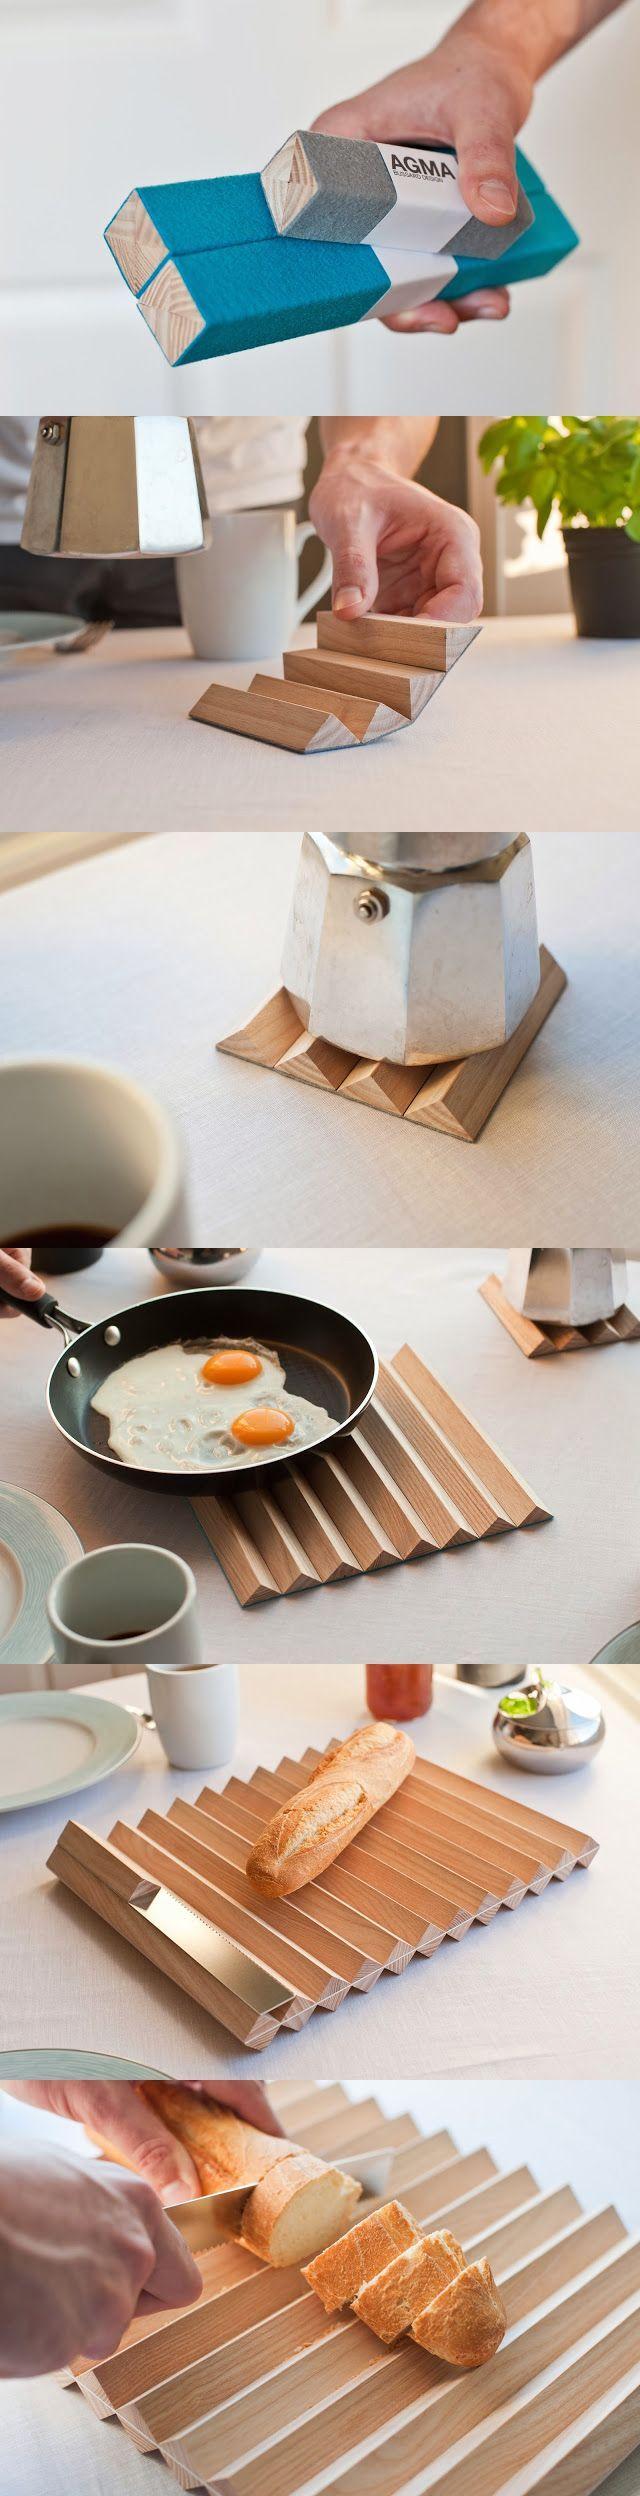 les 25 meilleures id es de la cat gorie dessous de plat. Black Bedroom Furniture Sets. Home Design Ideas